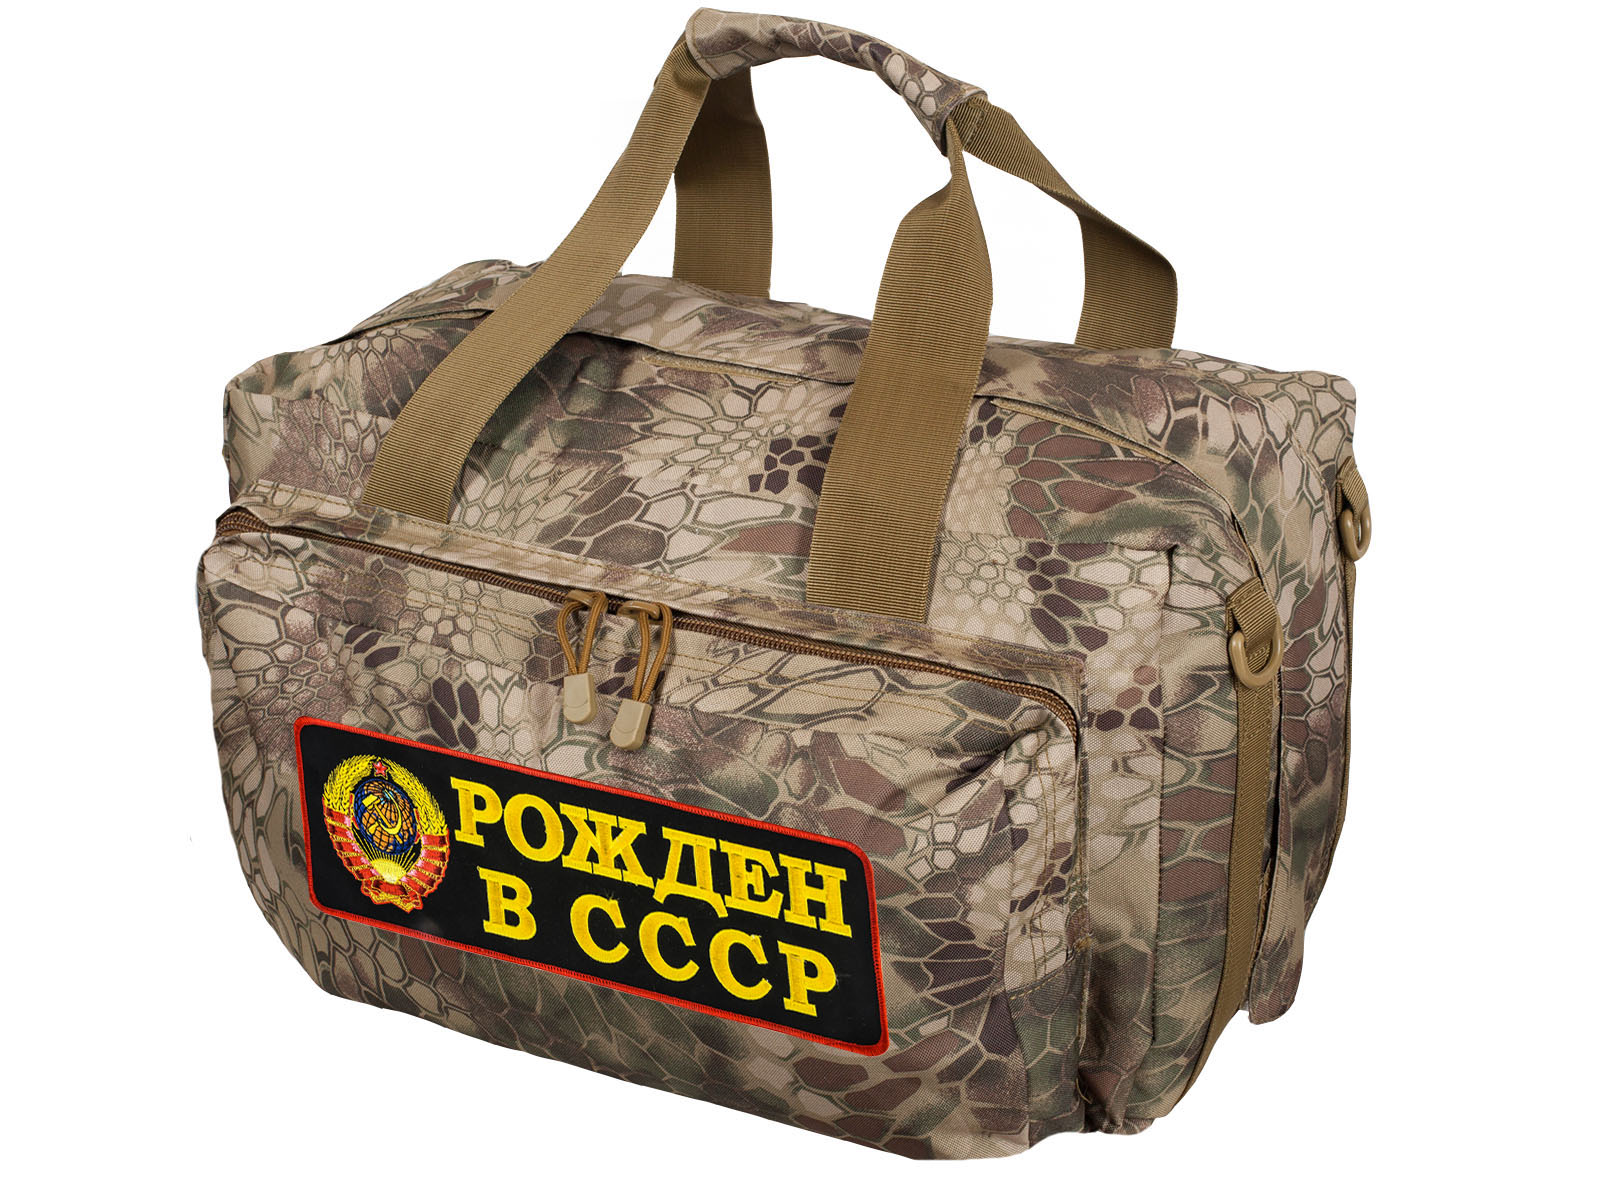 Камуфляжная сумка для походов Рожден в СССР - заказать оптом